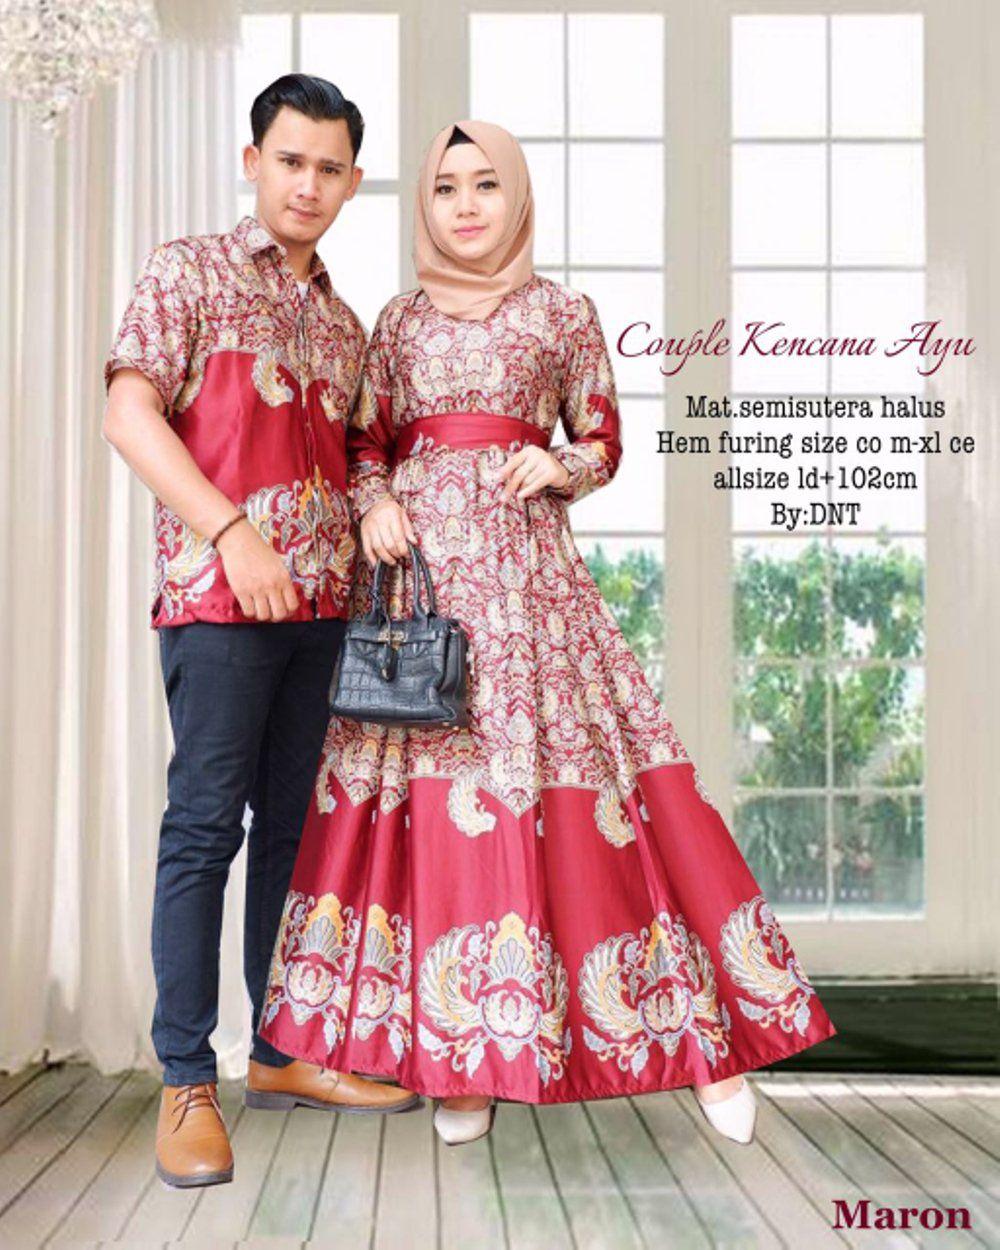 Setelan Model Baju Batik Couple Semi Sutra Kencana Ayu Warna Merah